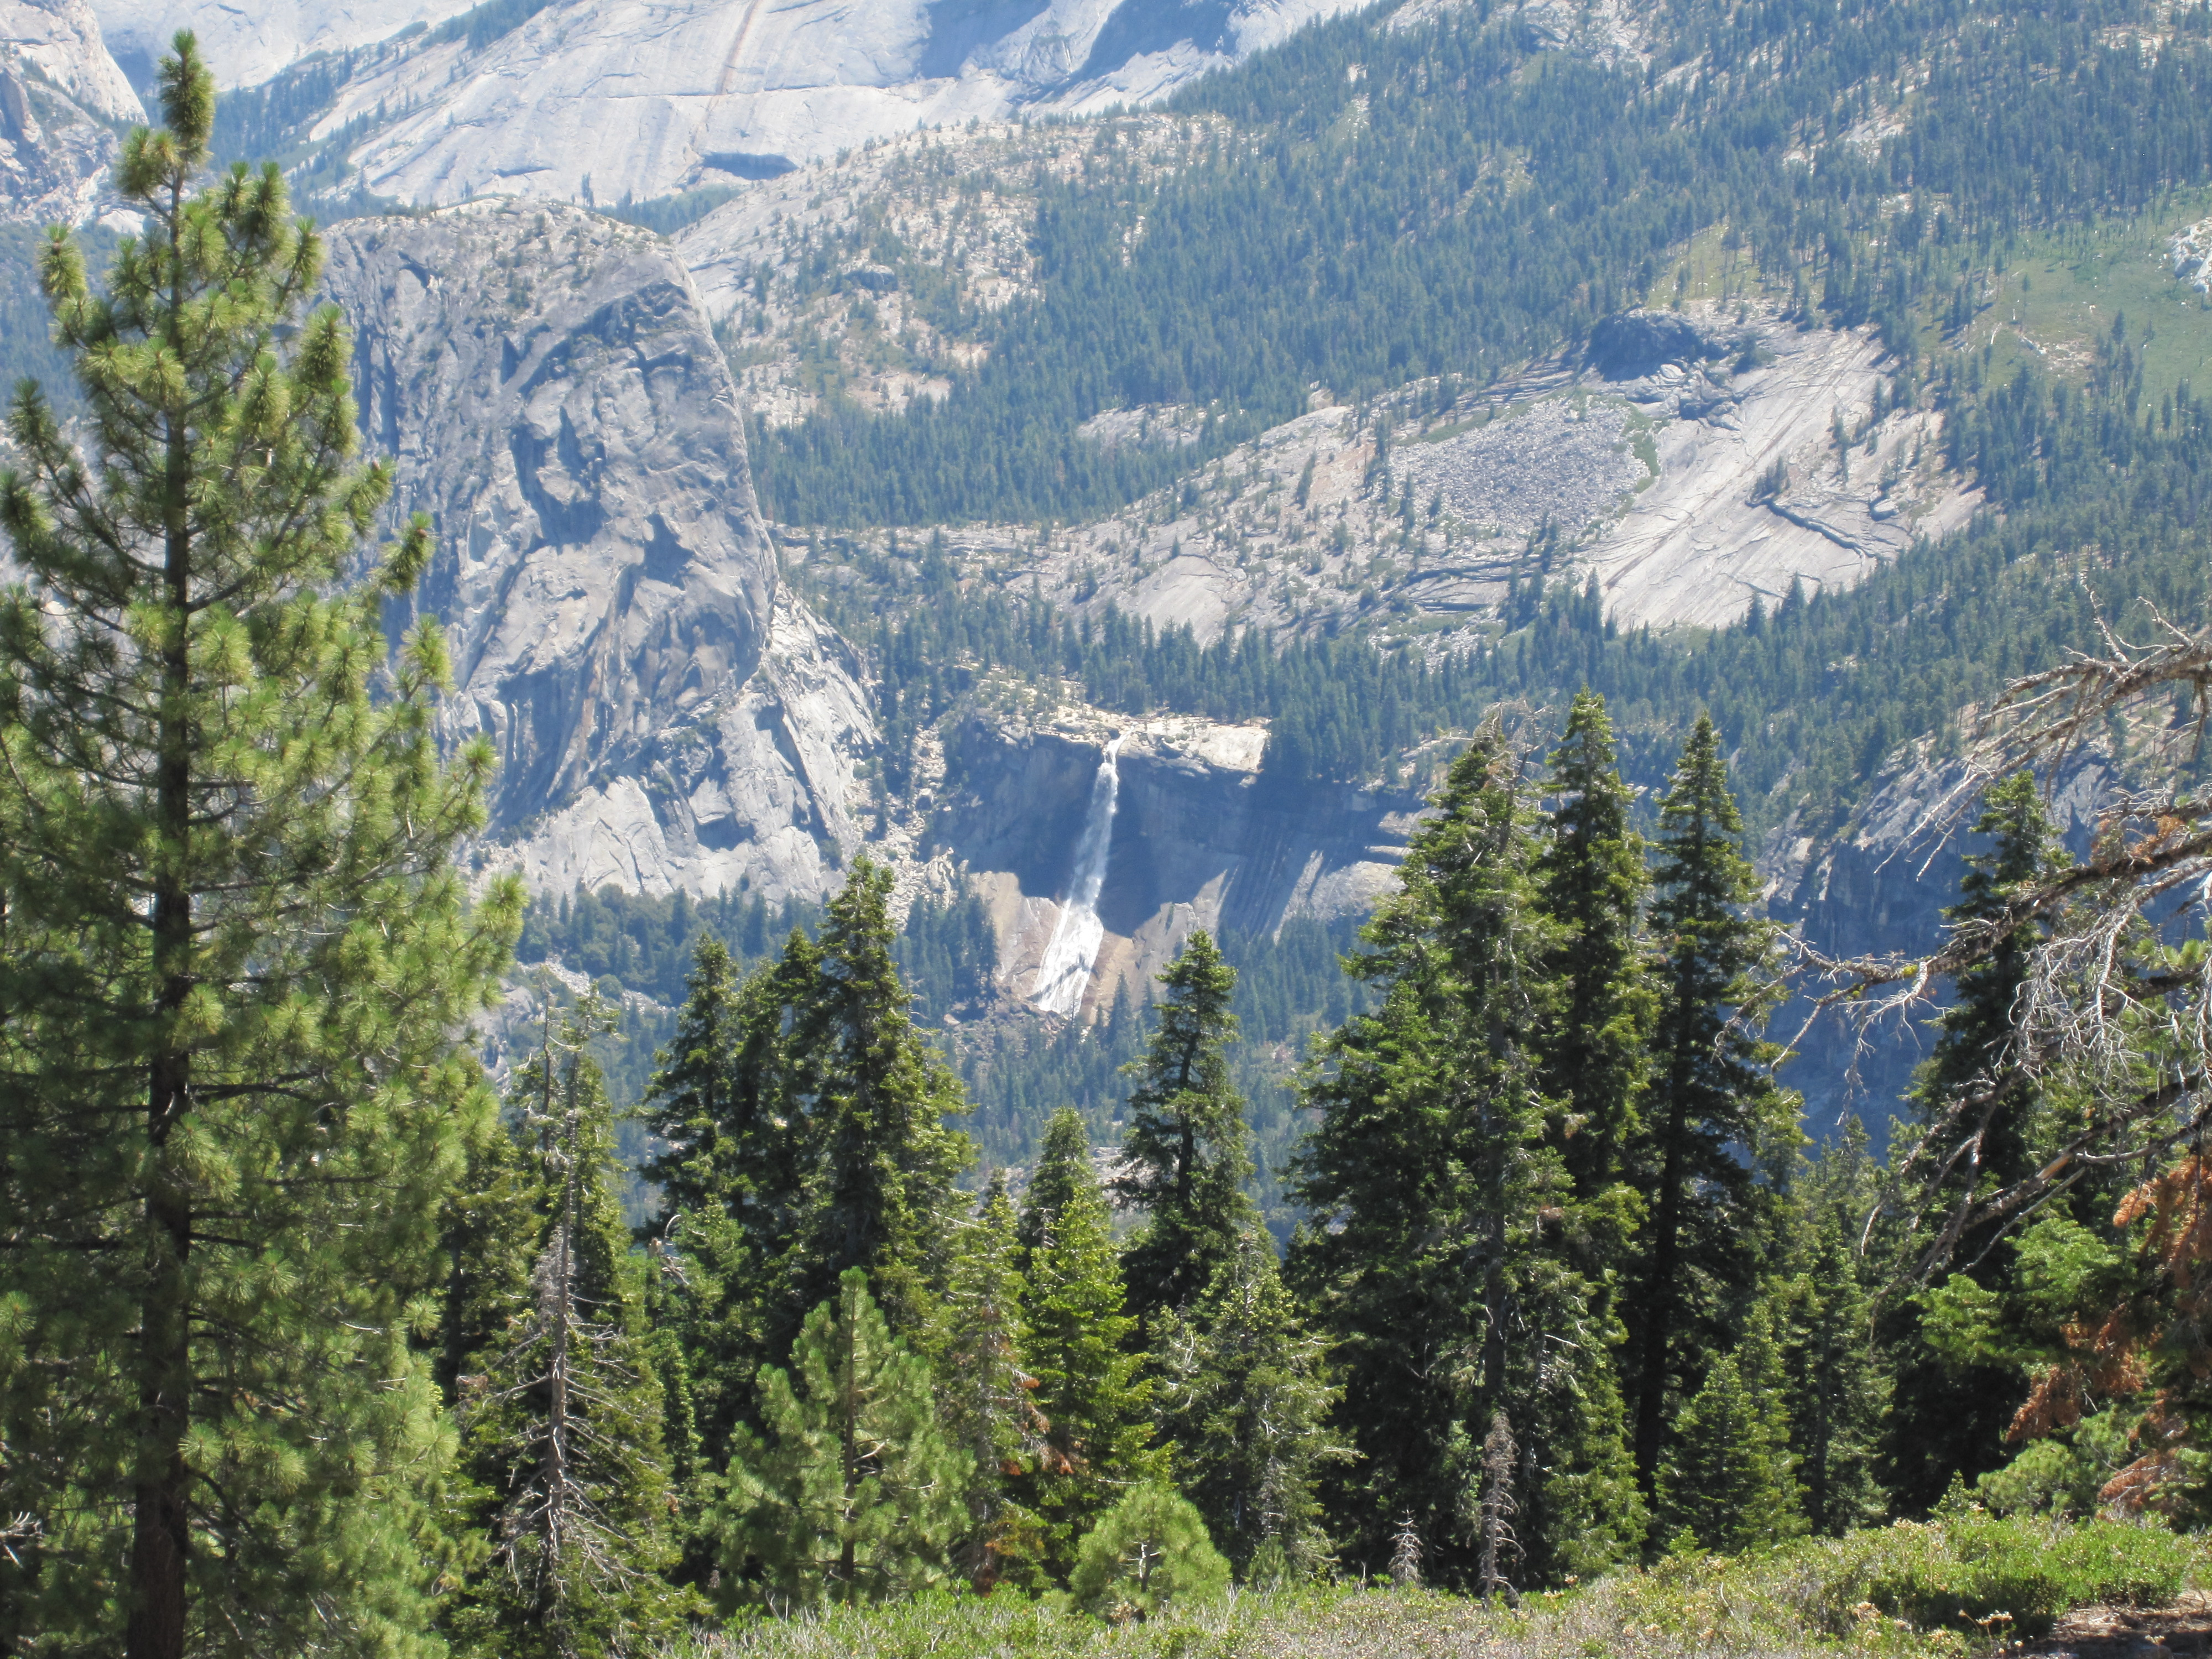 Nevada Fall at Yosemite